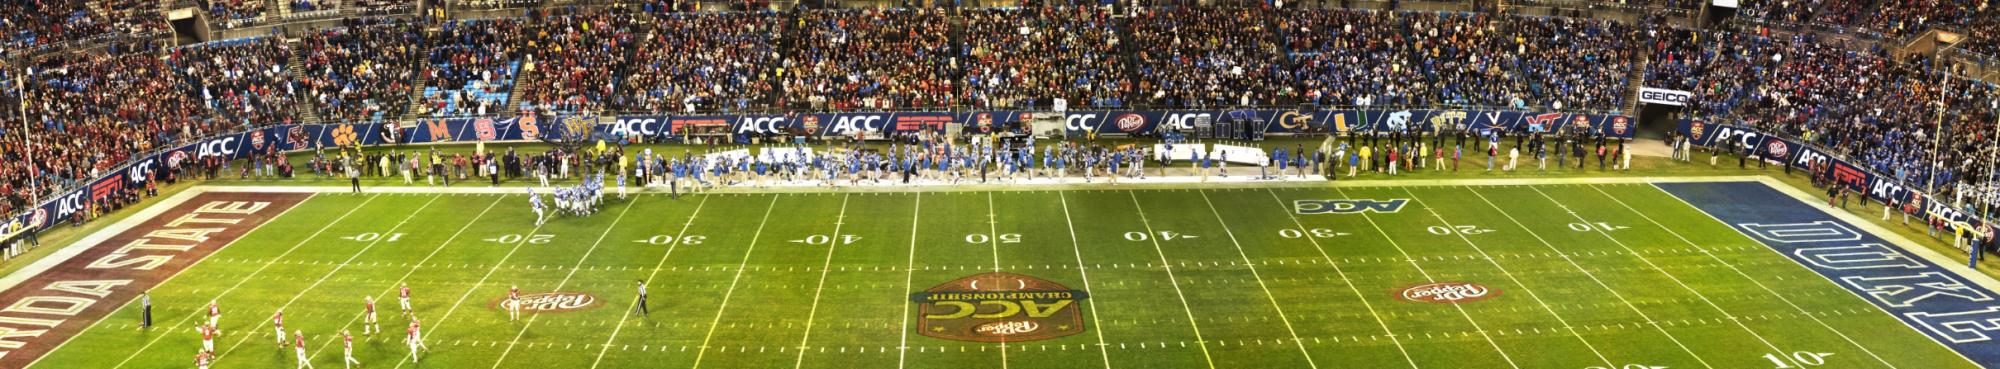 Duke vs. Florida State 2013 ACC Championship